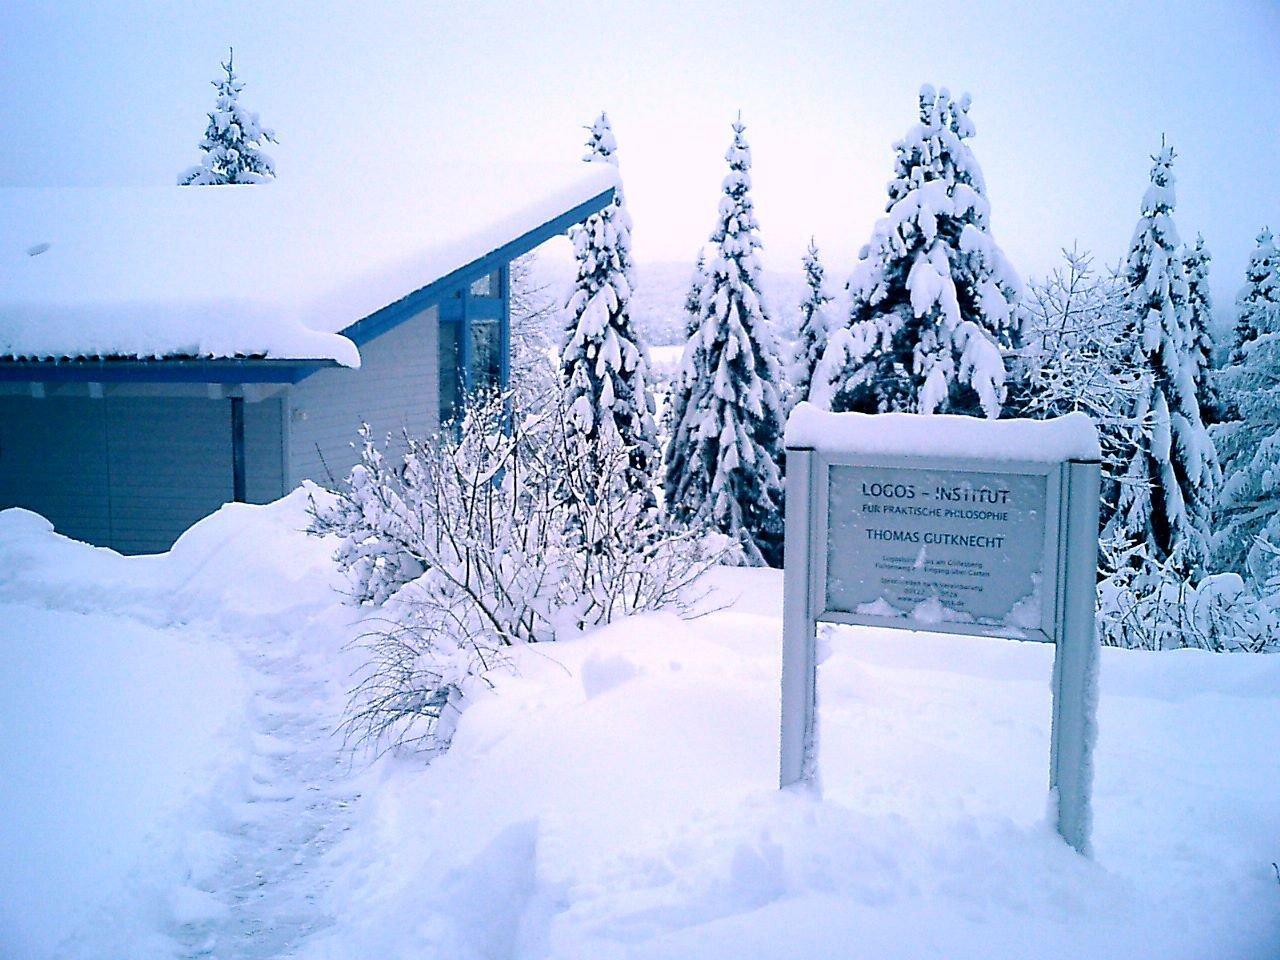 Logos-Institut Eingang im Winter